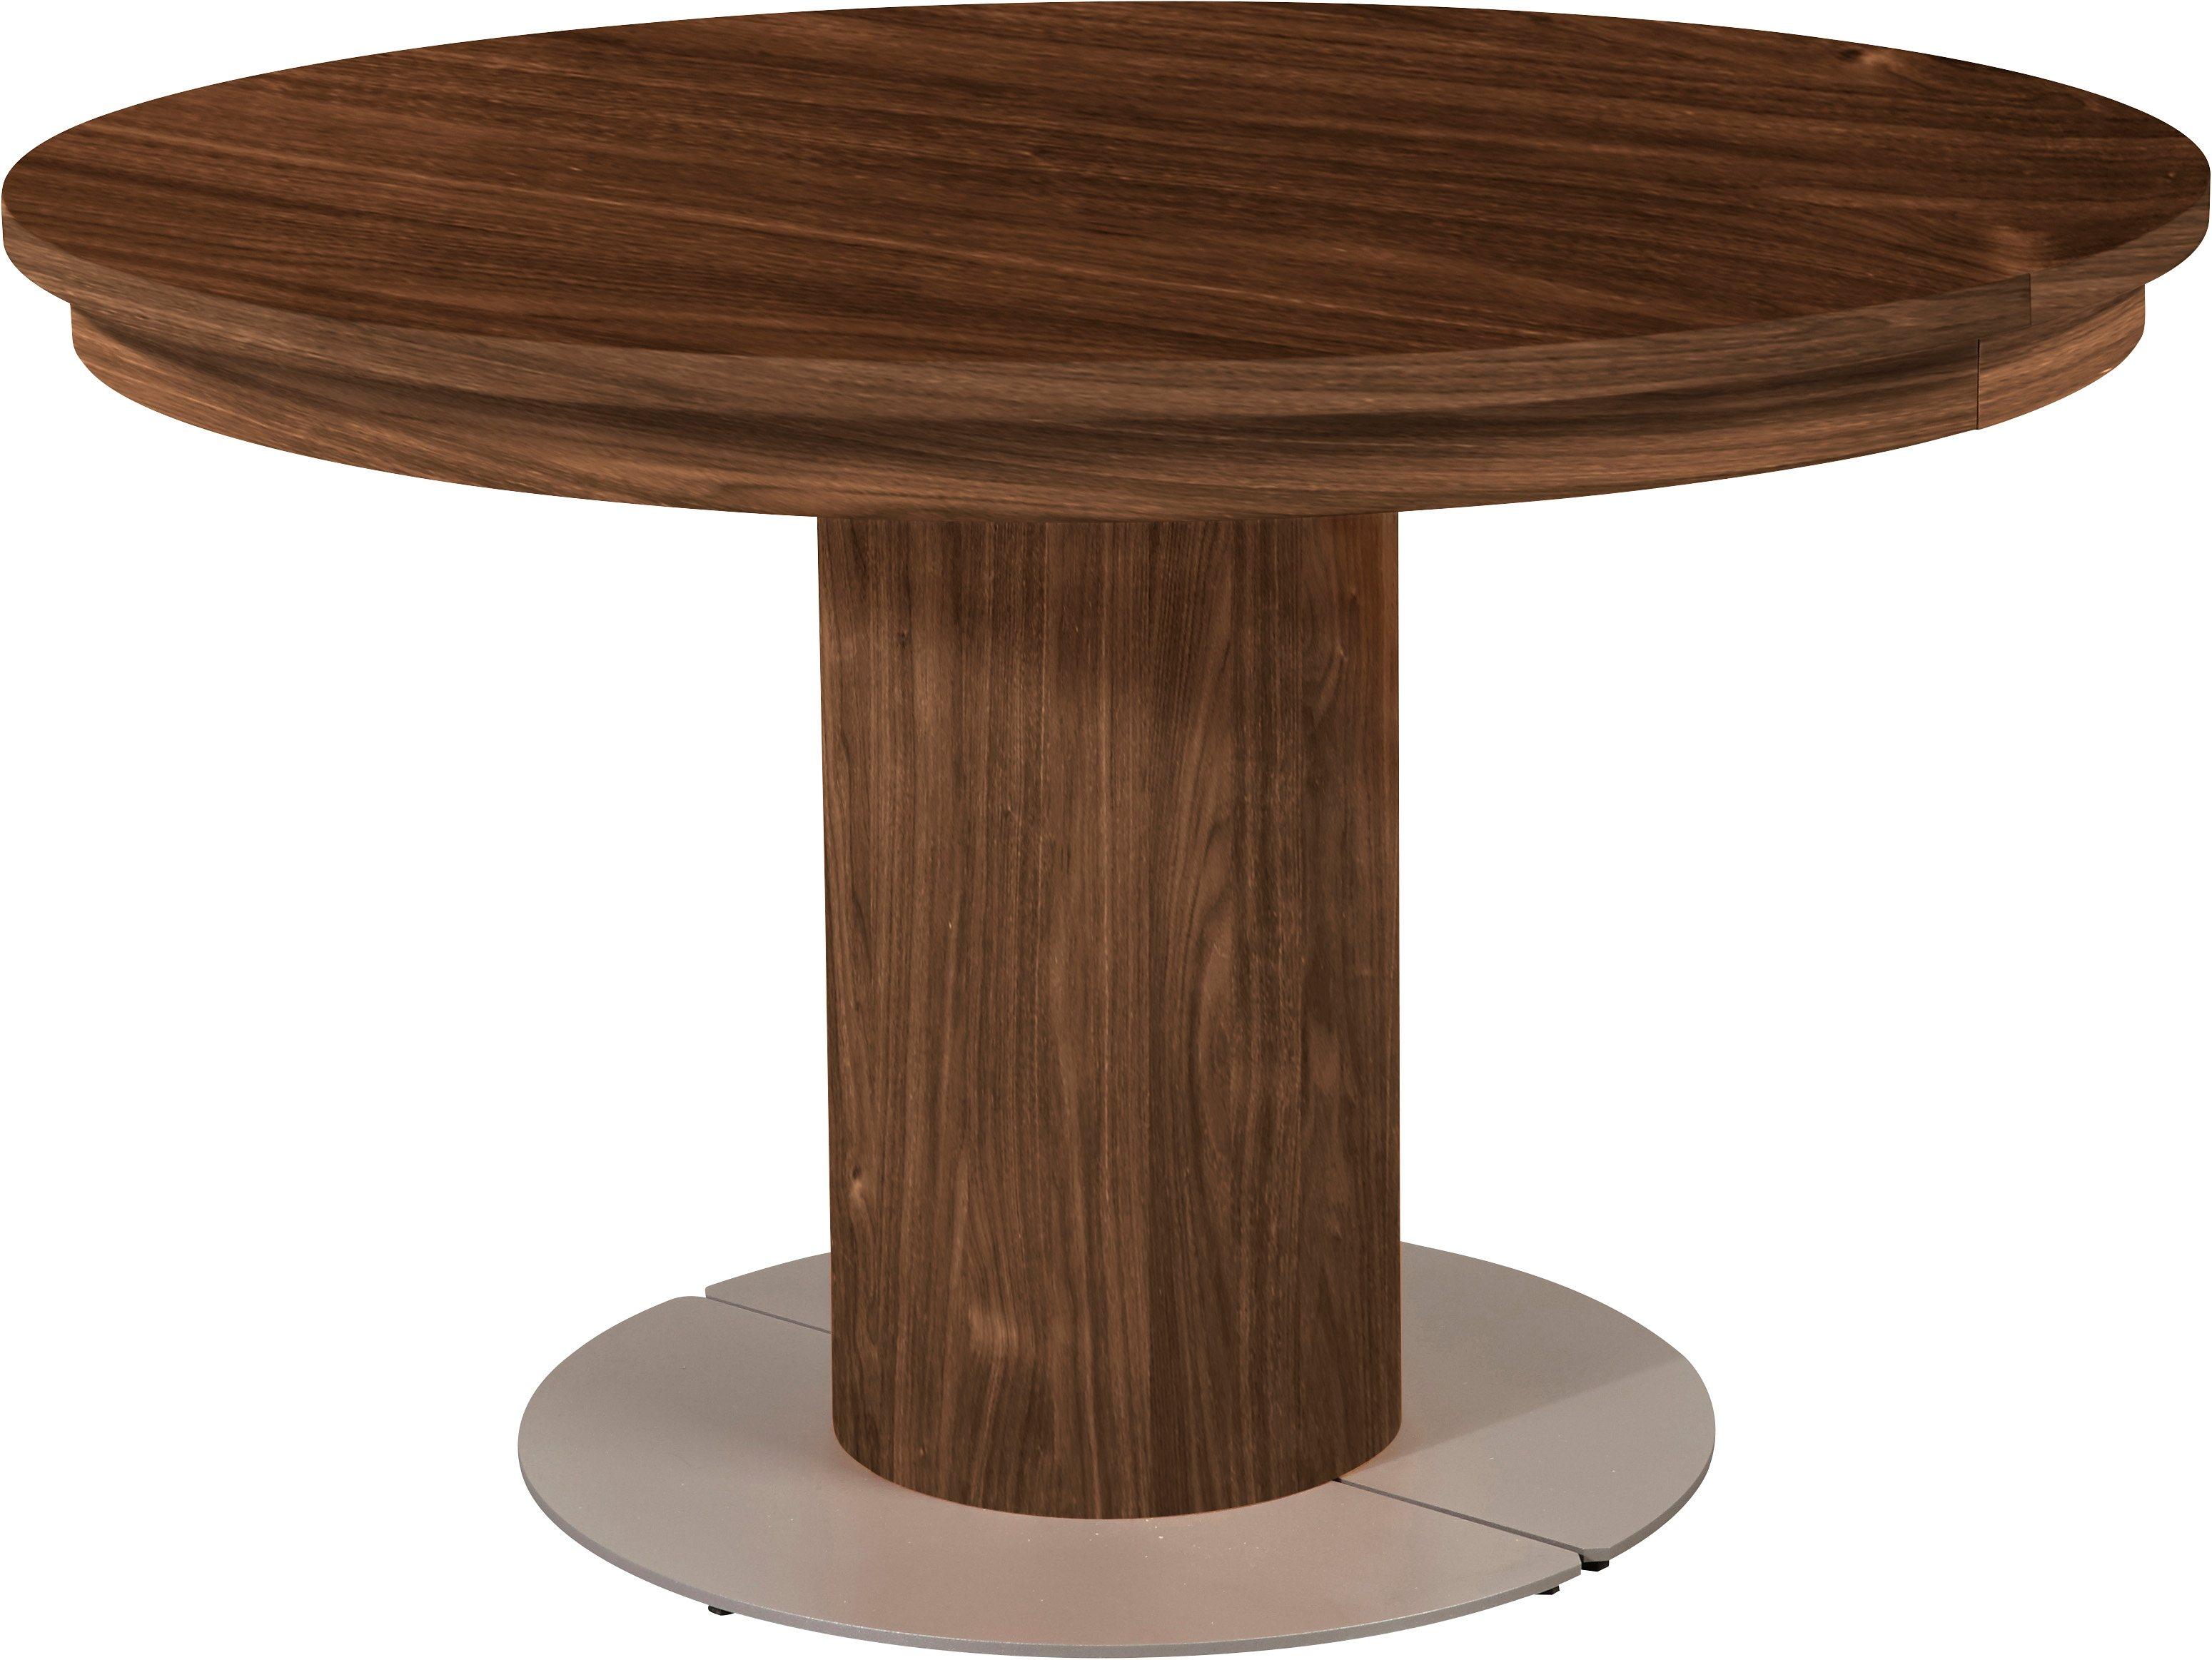 tischplatte rund 120 free tischplatte rund stein. Black Bedroom Furniture Sets. Home Design Ideas